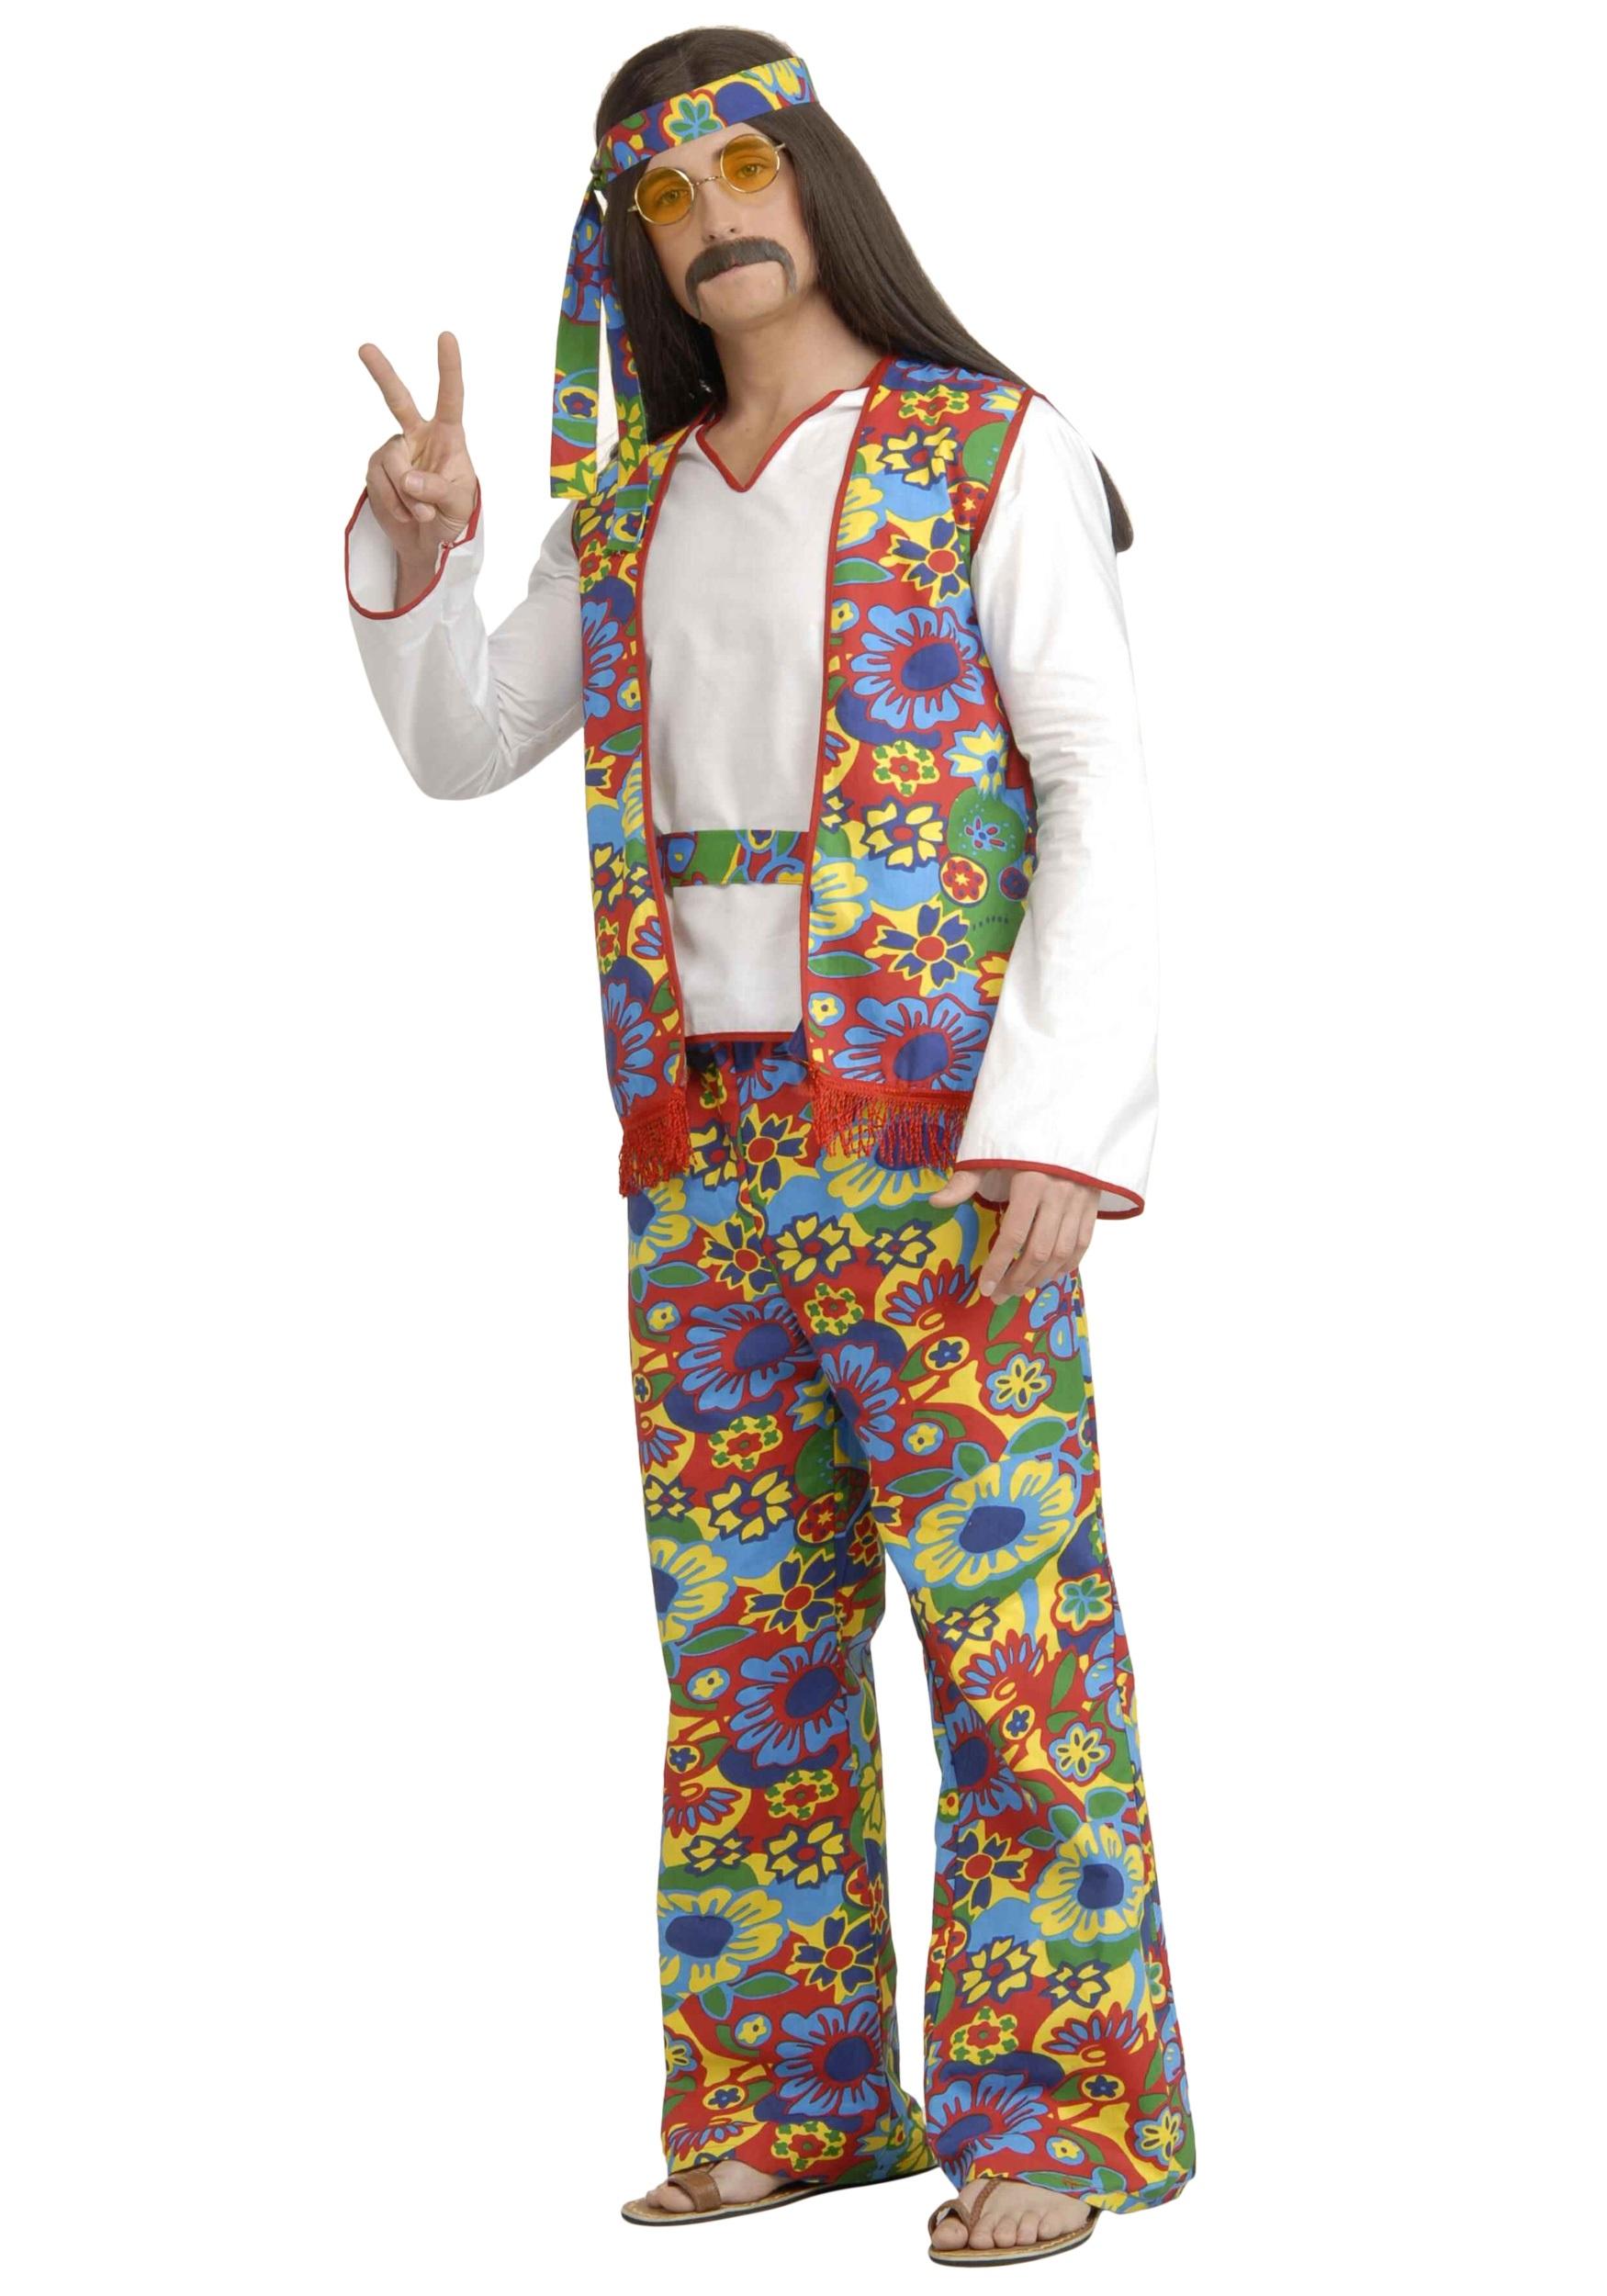 Hippie Halloween Costumes Diy Men Plus Size Men's Hippie Costume